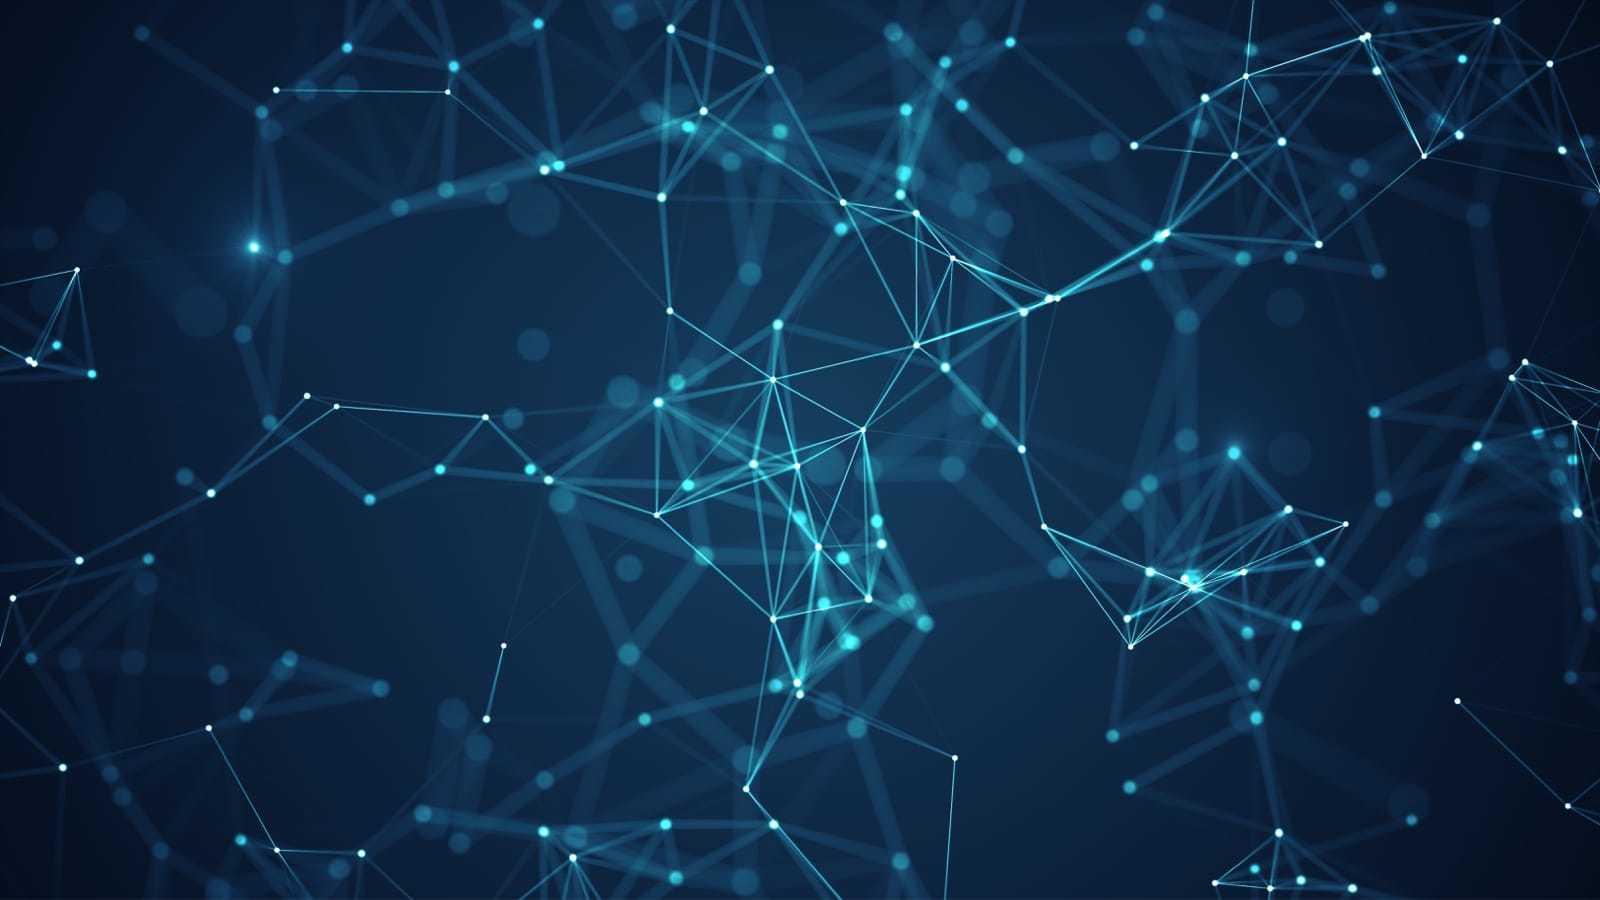 テクノロジーネットワークのイメージ